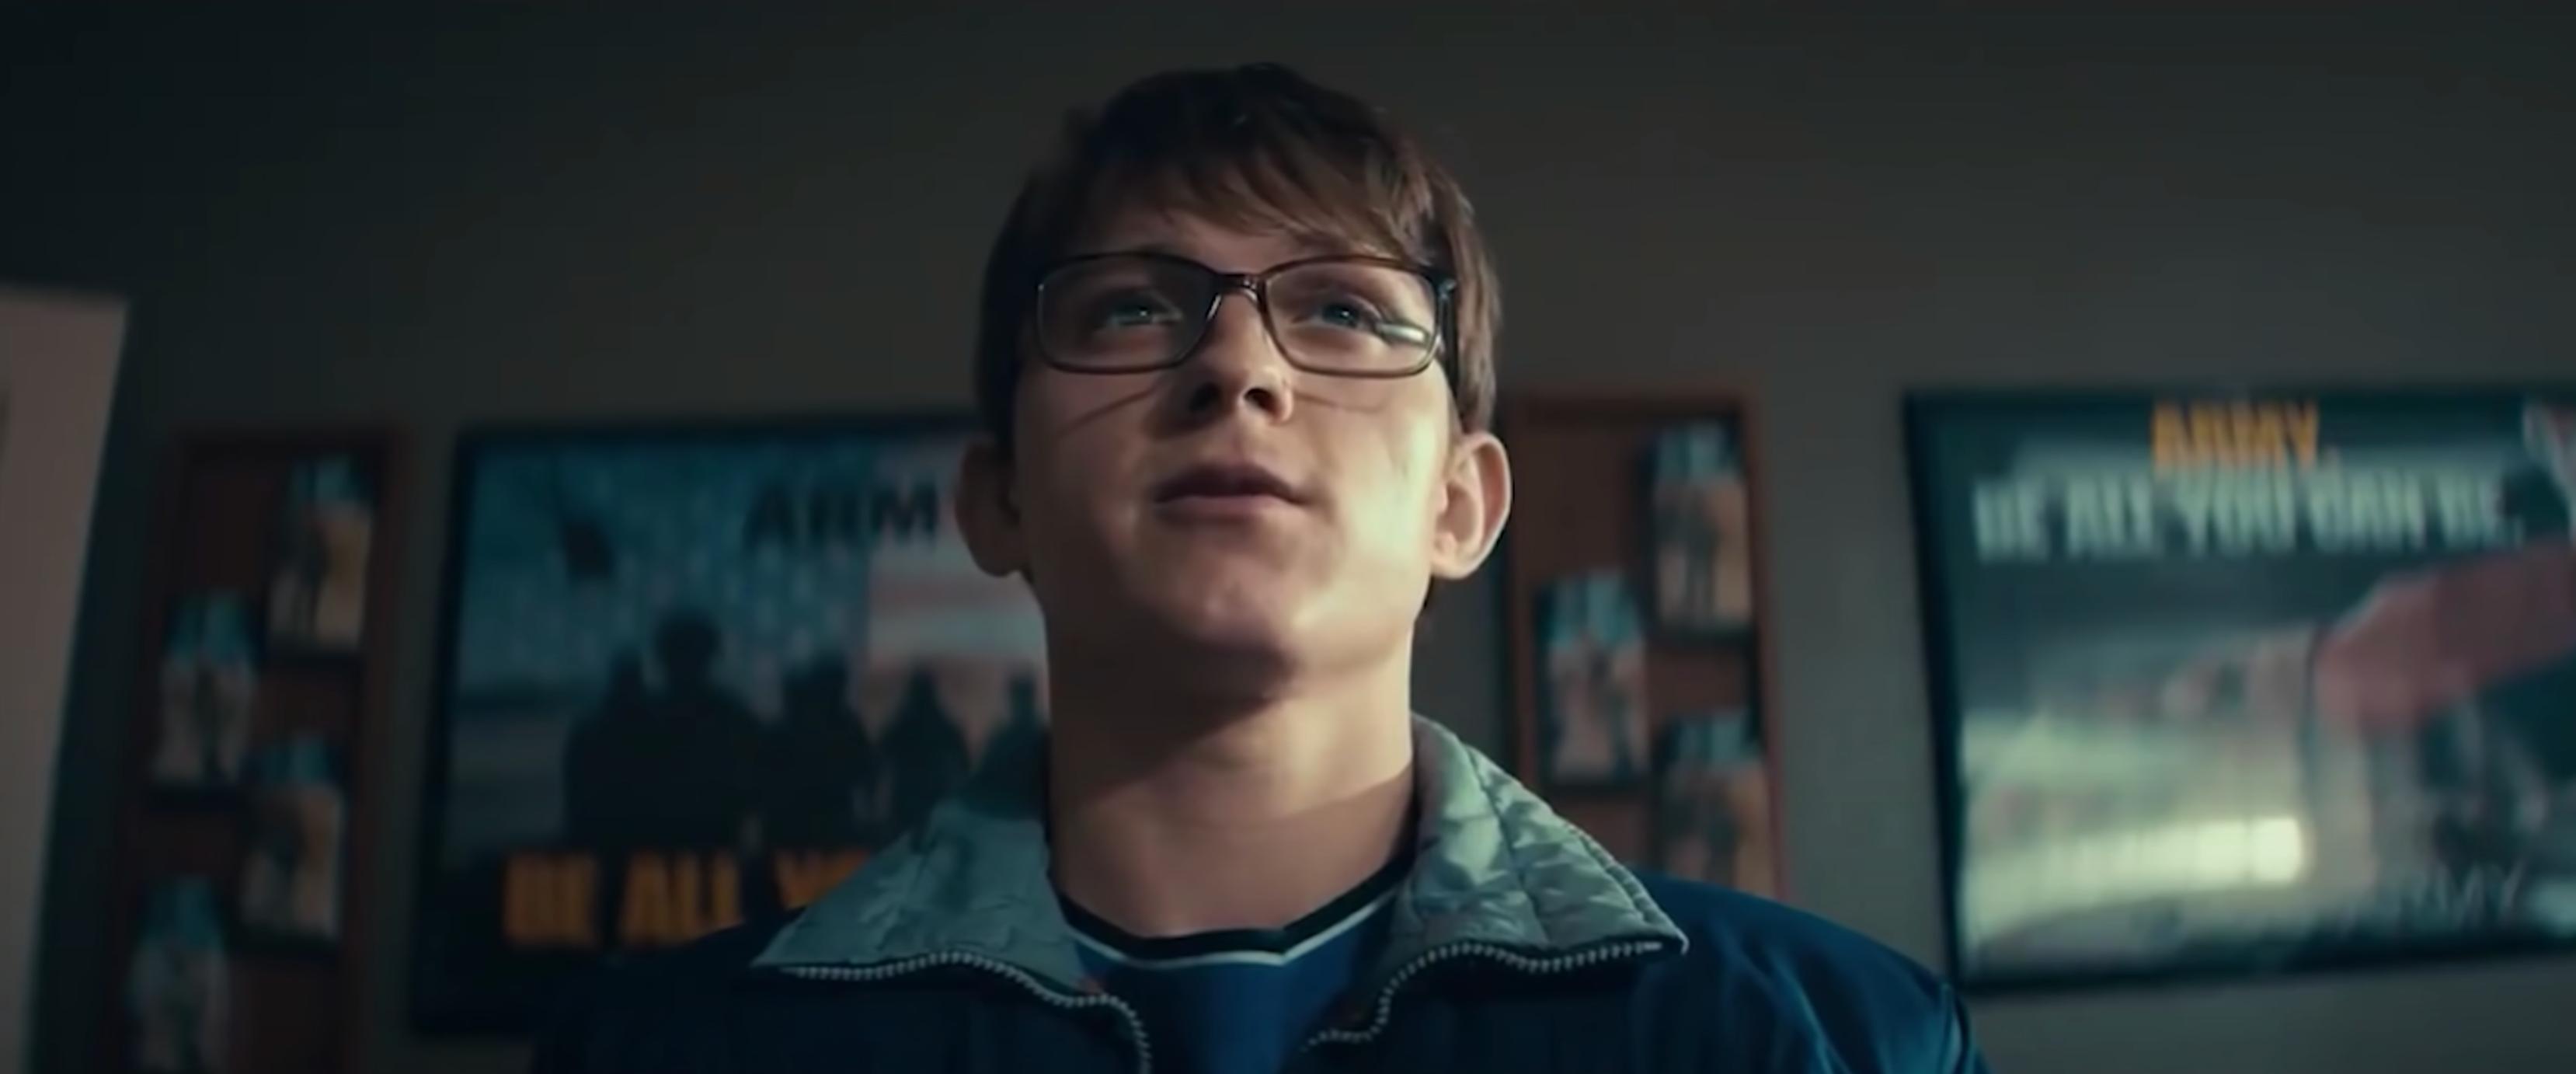 WATCH: Tom Holland Opioid Epidemic Movie 'Cherry'